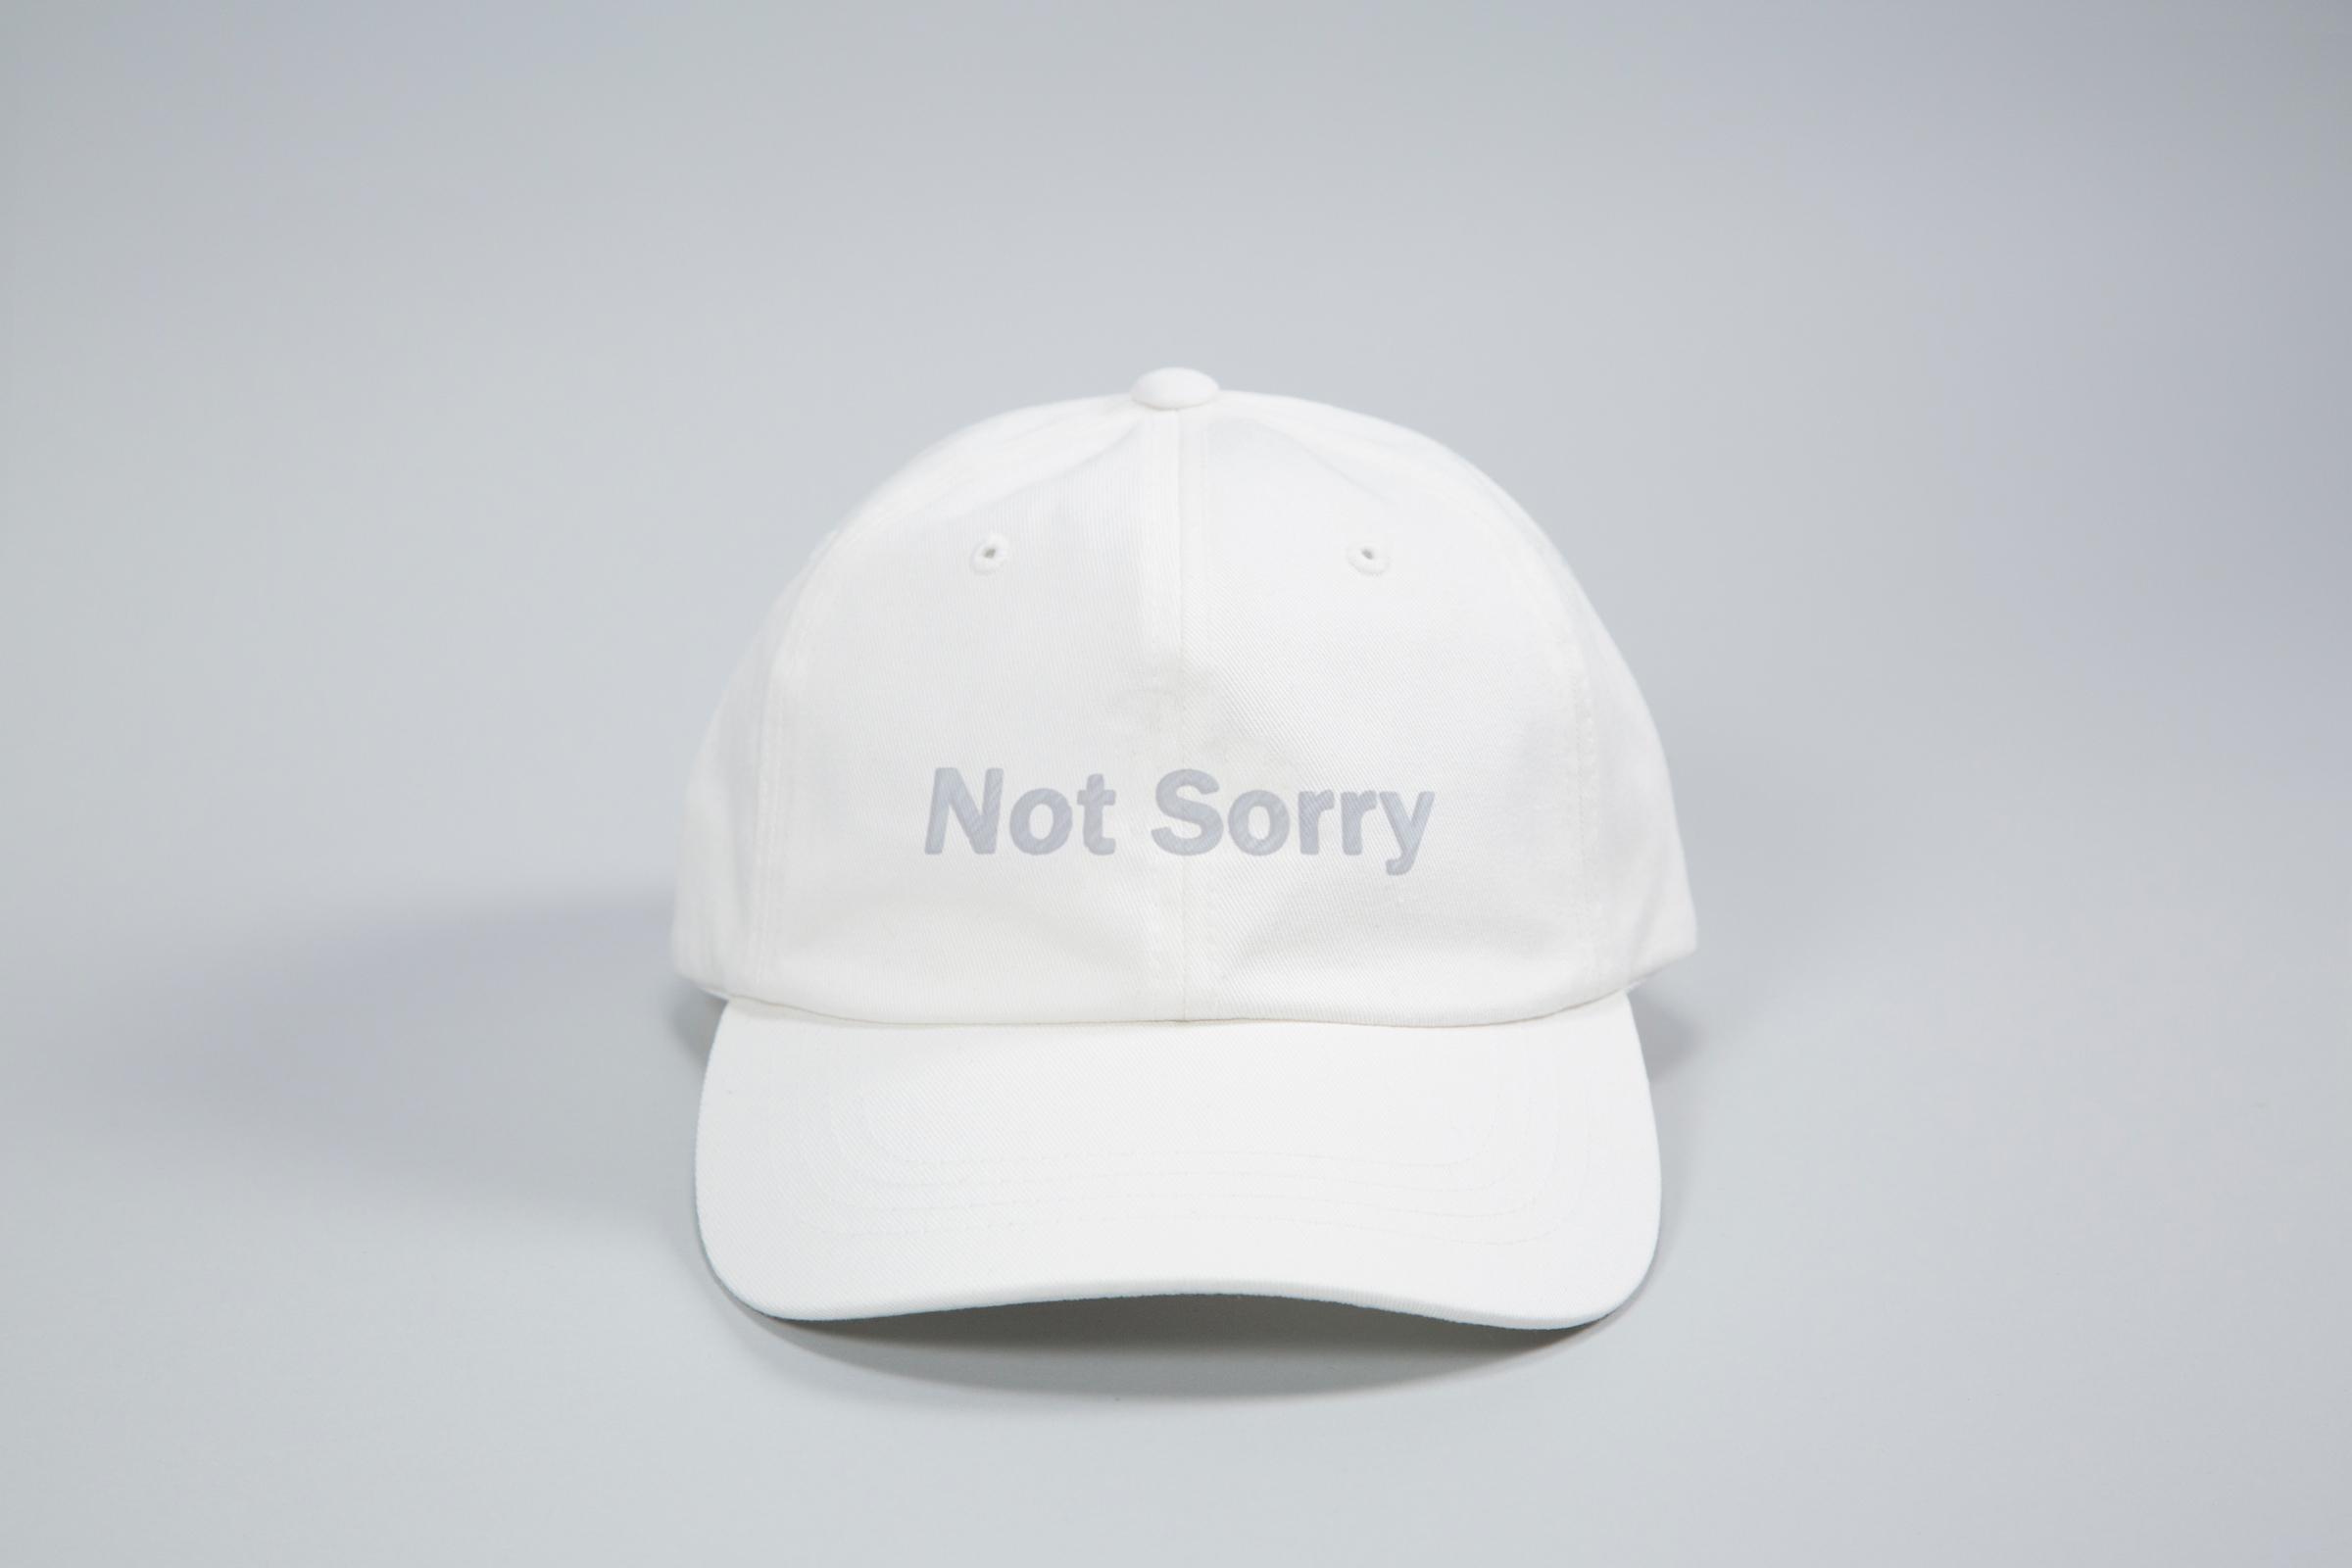 09_NotSorry_Mock_v3.jpg